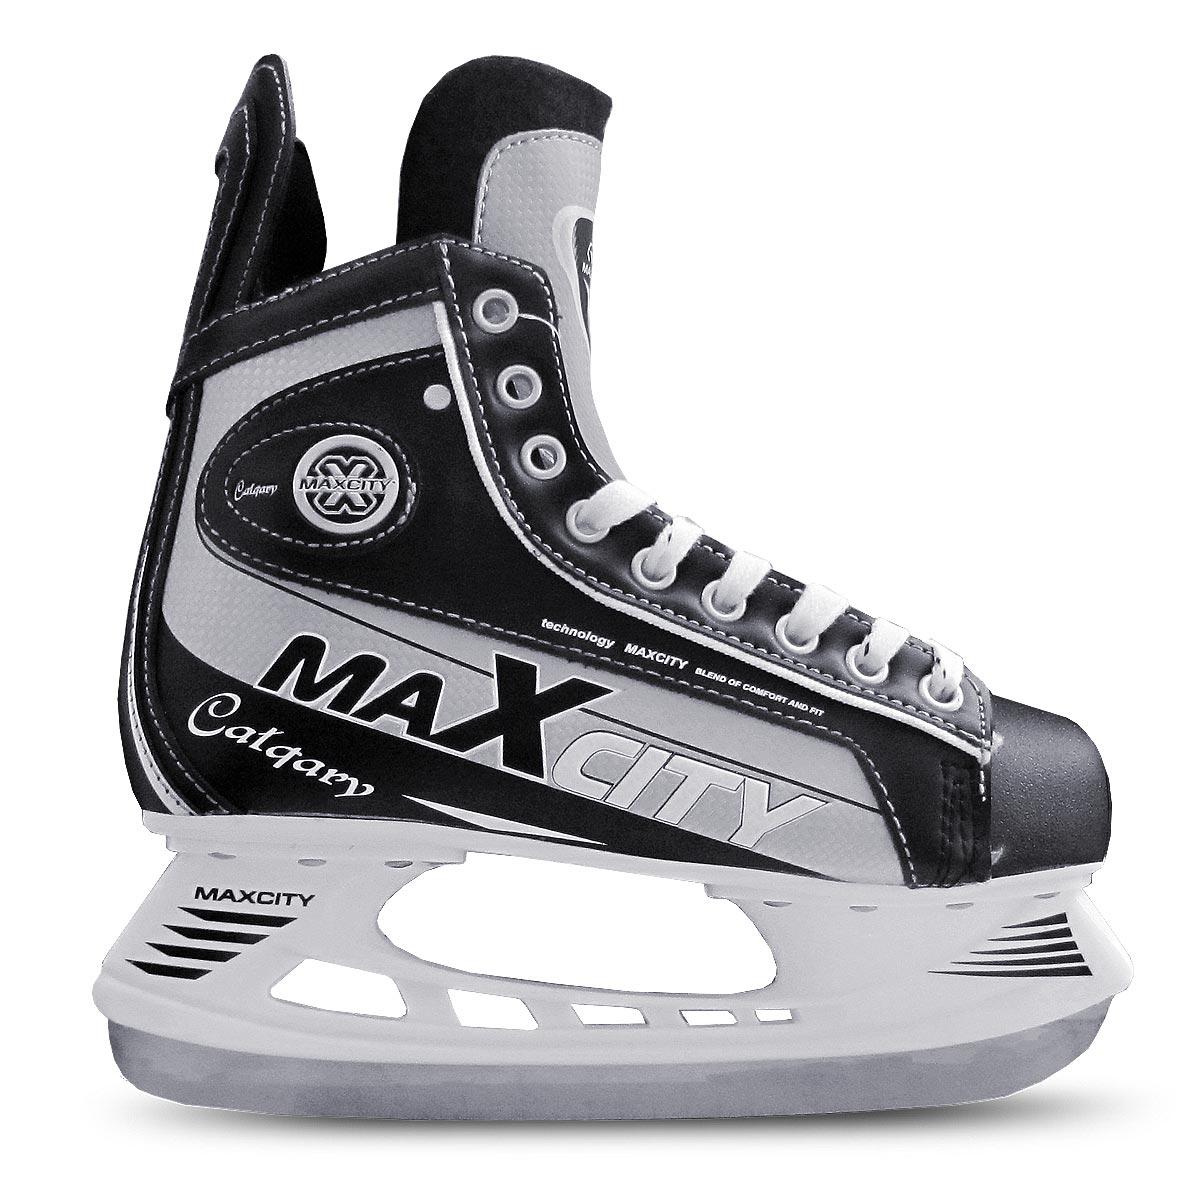 Коньки хоккейные мужские CalgaryCALGARYСтильные коньки от MaxCity Calgary с ударопрочной защитной конструкцией отлично подойдут для полупрофессионального катания. Ботинки изготовлены из комбинации морозостойкой искусственной кожи, ПВХ и искусственных материалов с высокой, плотной колодкой и усиленным задником, обеспечивающим боковую поддержку ноги. Мыс дополнен вставкой, которая защитит ноги от ударов. Внутренний слой с мягкими вставками EVA и стелька изготовлены из мягкого текстиля, который обеспечит тепло и комфорт во время катания, язычок - из войлока. Плотная шнуровка надежно фиксирует модель на ноге. Голеностоп имеет удобный суппорт. Коньки по верху декорированы оригинальным принтом и тиснением в виде логотипа бренда. Подошва - из твердого ПВХ. Лезвие из нержавеющей стали обеспечит превосходное скольжение. Оригинальные коньки придутся вам по душе.